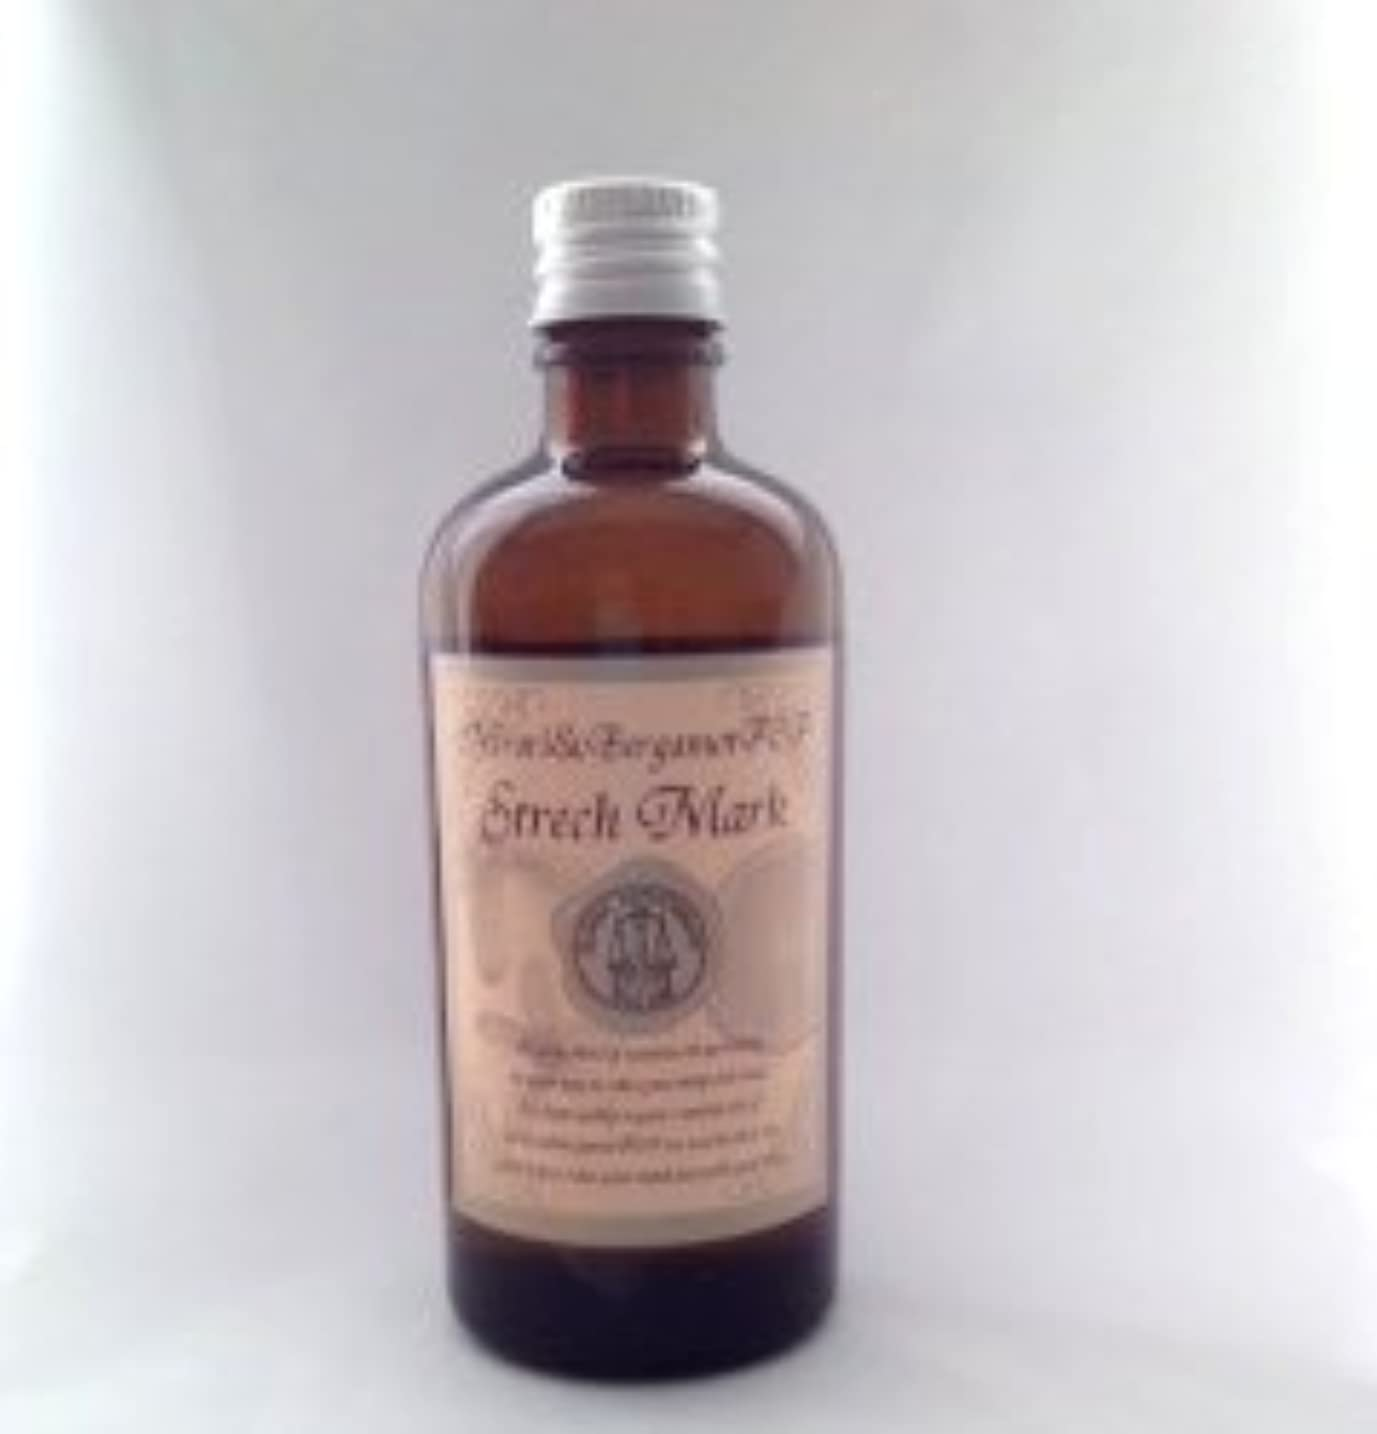 粘着性廃止誘導ヒーリングボディアロマオイル ストレッチマーク 105ml ネロリ&ベルガモットFCFの香り